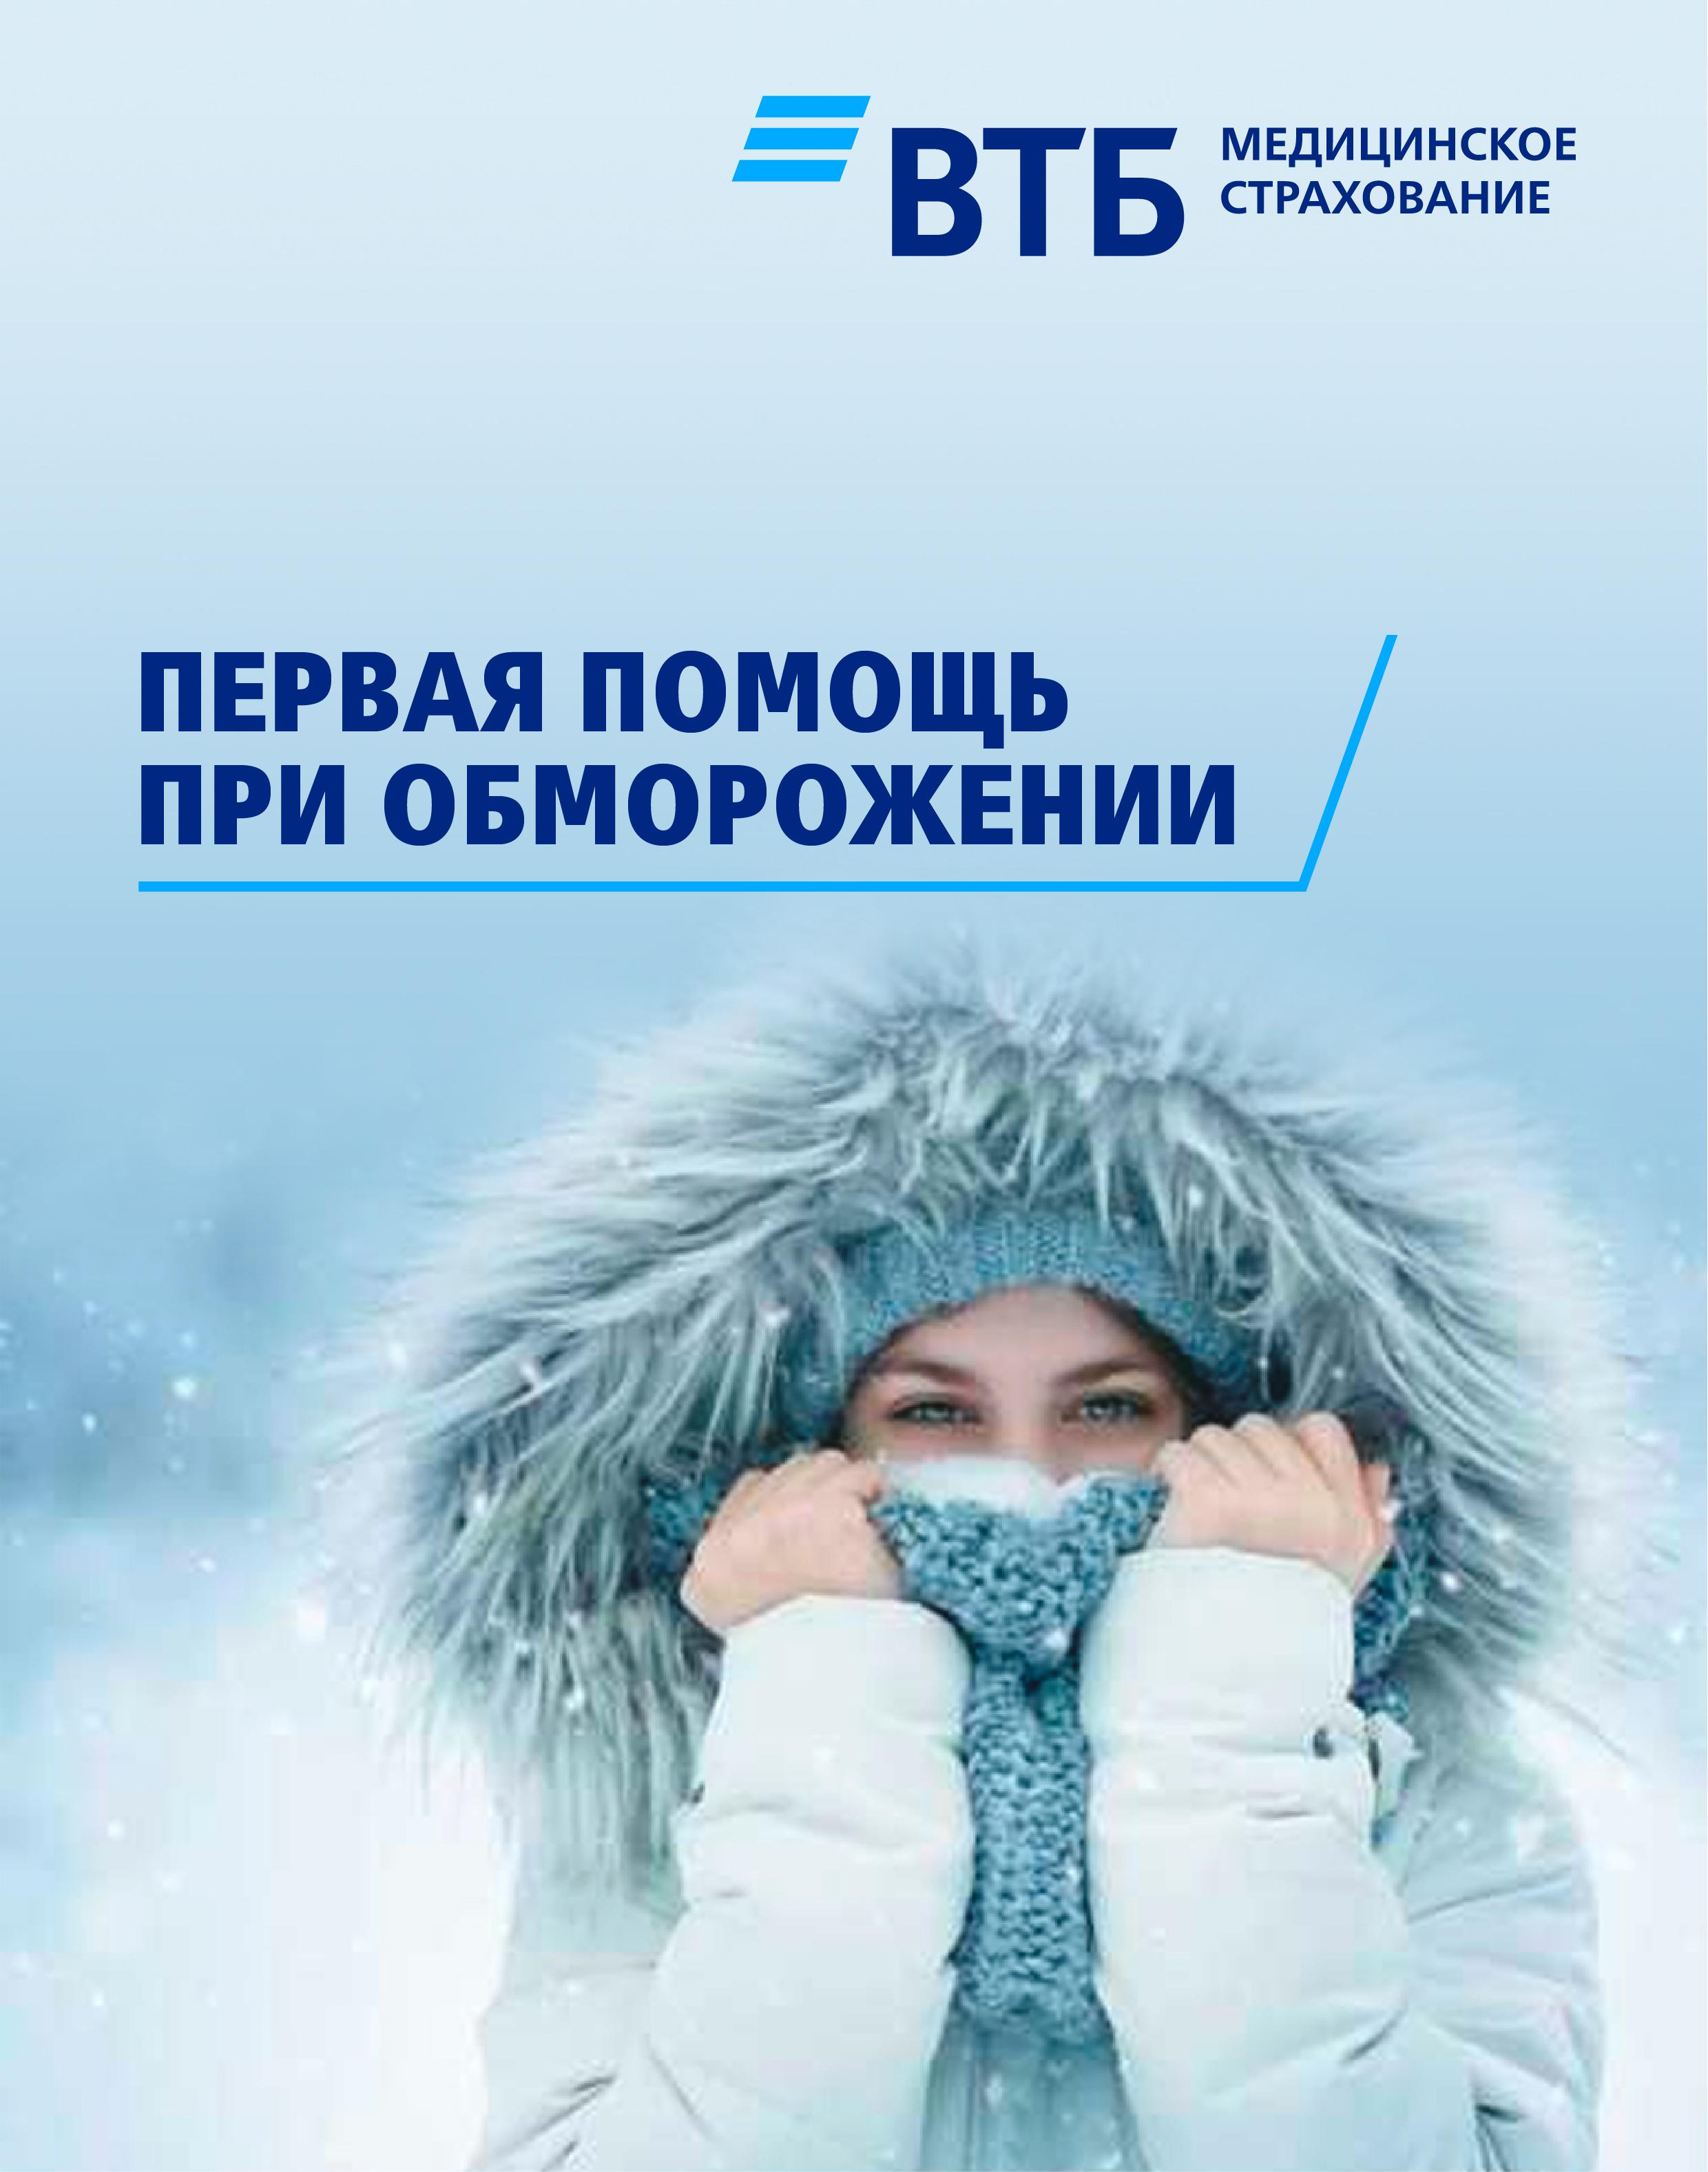 Первая помощь при обморожении